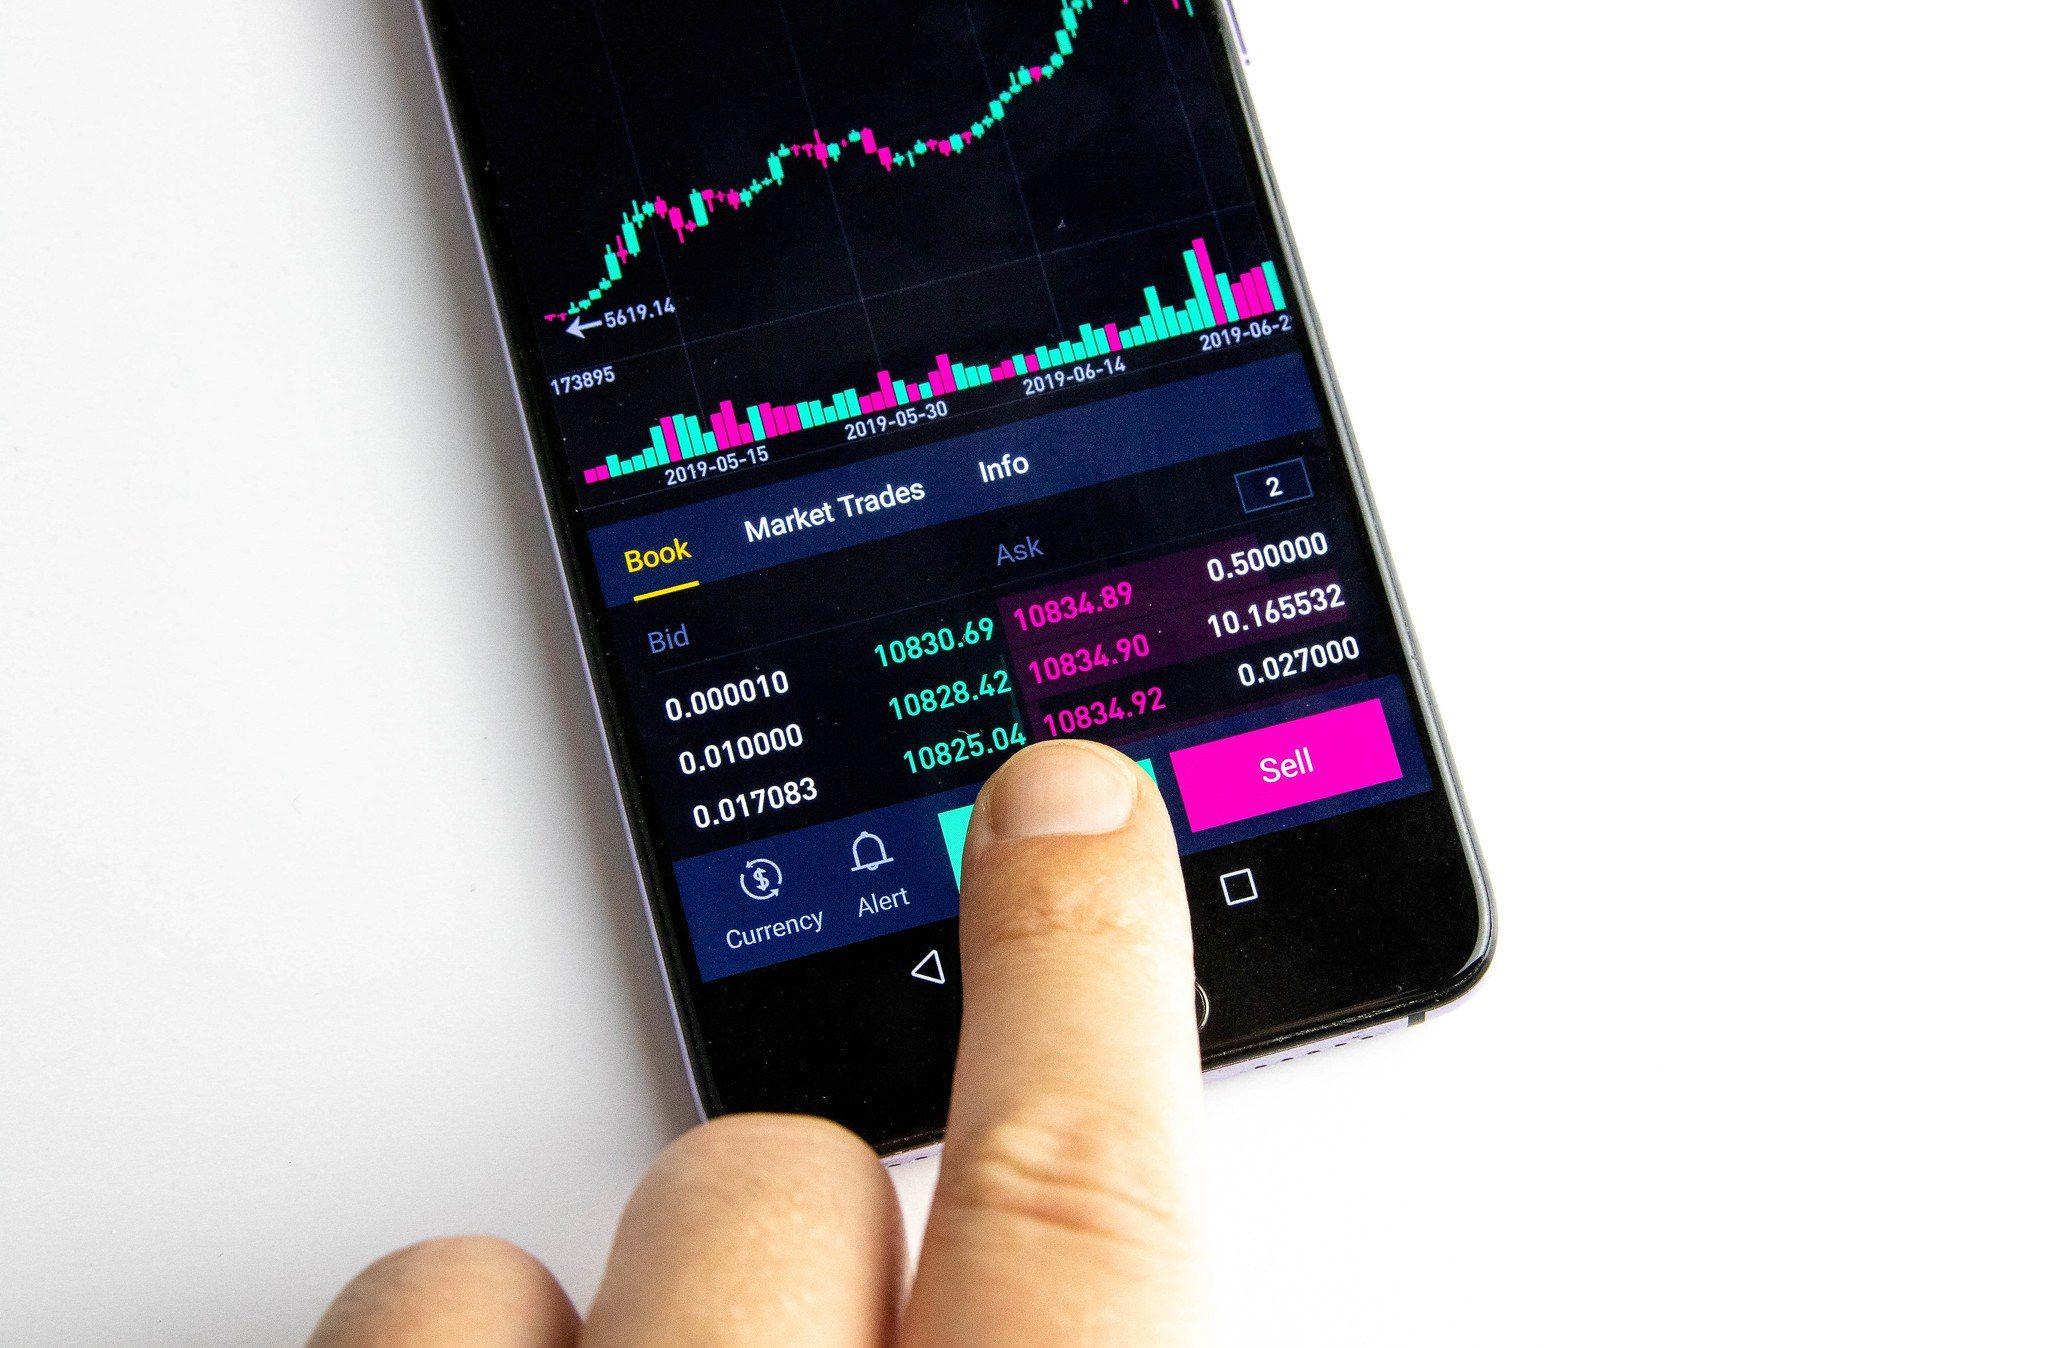 """giá bitcoin: Binance.com triển khai """"phiên bản 2.0"""", chính thức hỗ trợ giao dịch margin"""